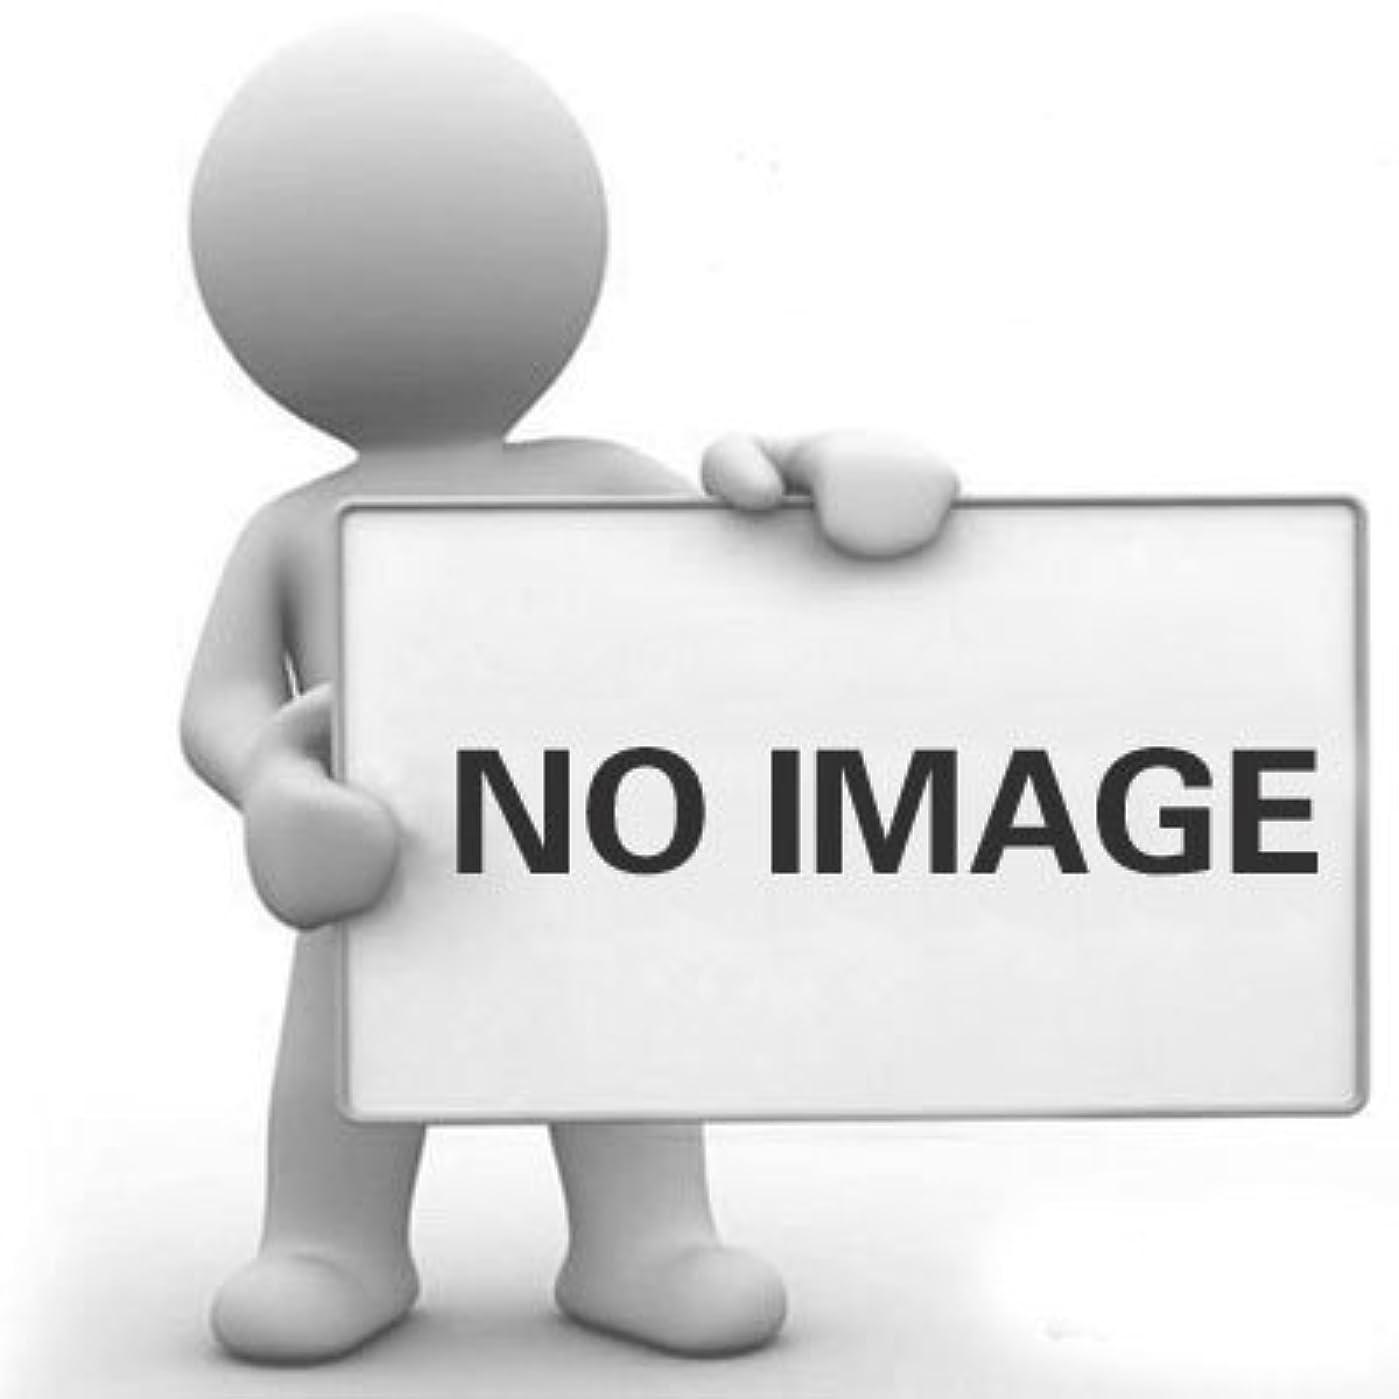 突進飼い慣らす陽気なSharplace ネイルアート マニキュア ネイルカバー ステッカー ステッカー カバー こぼれ防止